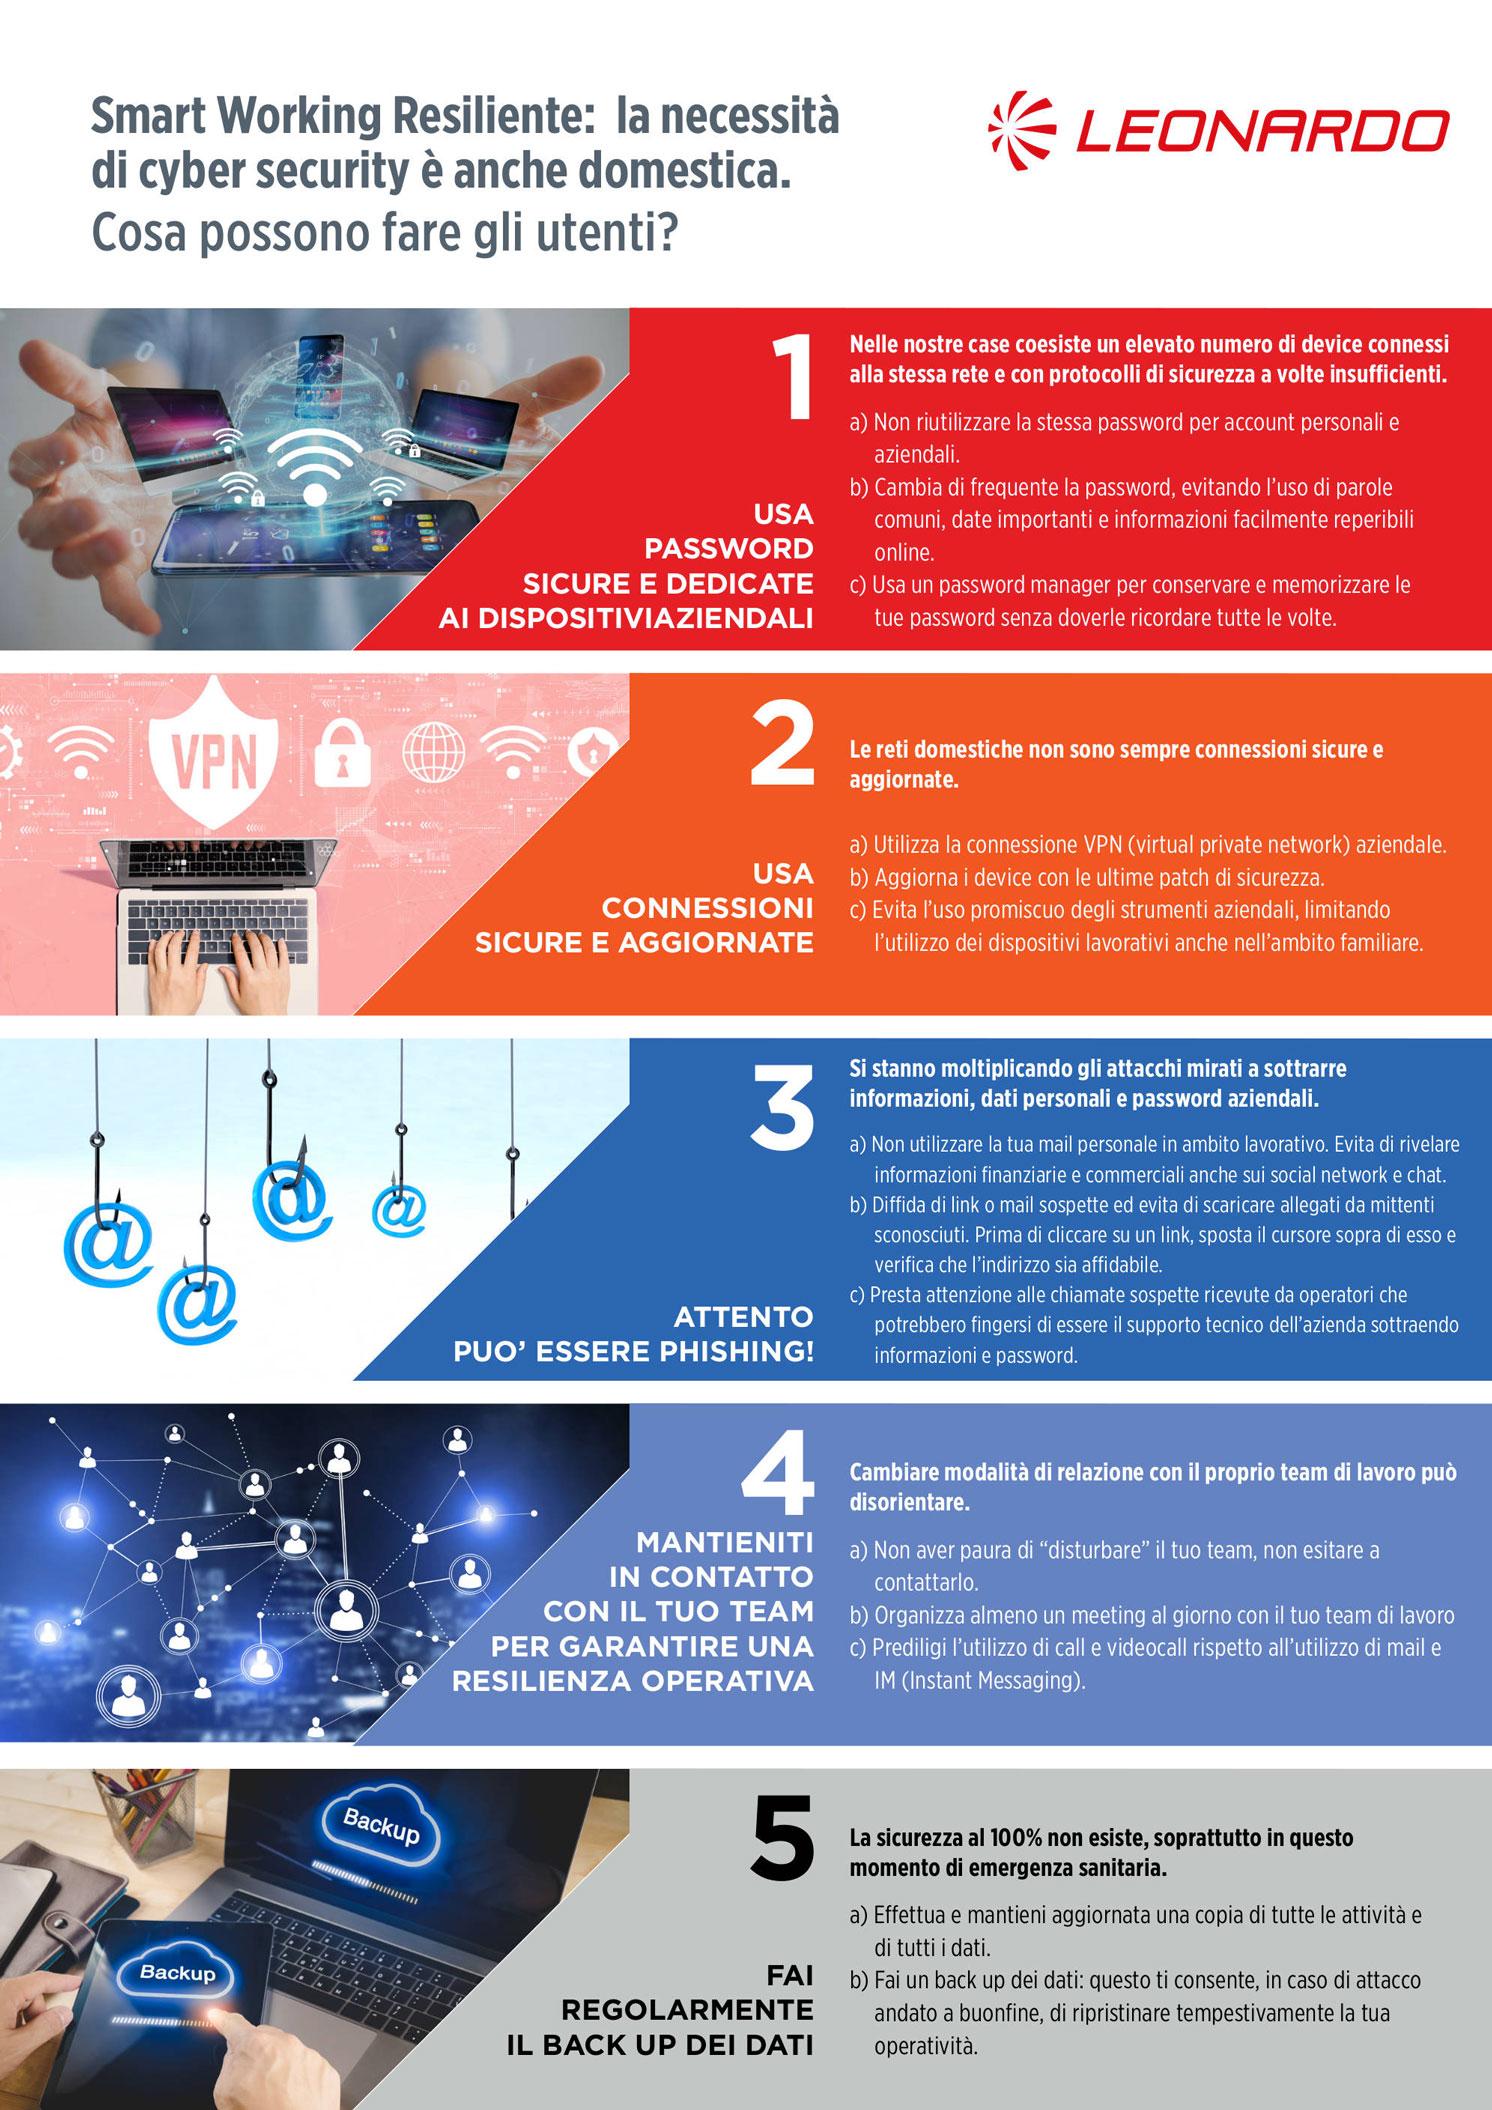 Smart Working Resiliente: la necessità di cyber security è anche domestica. Cosa possono fare gli utenti? - Fonte: Leonardo